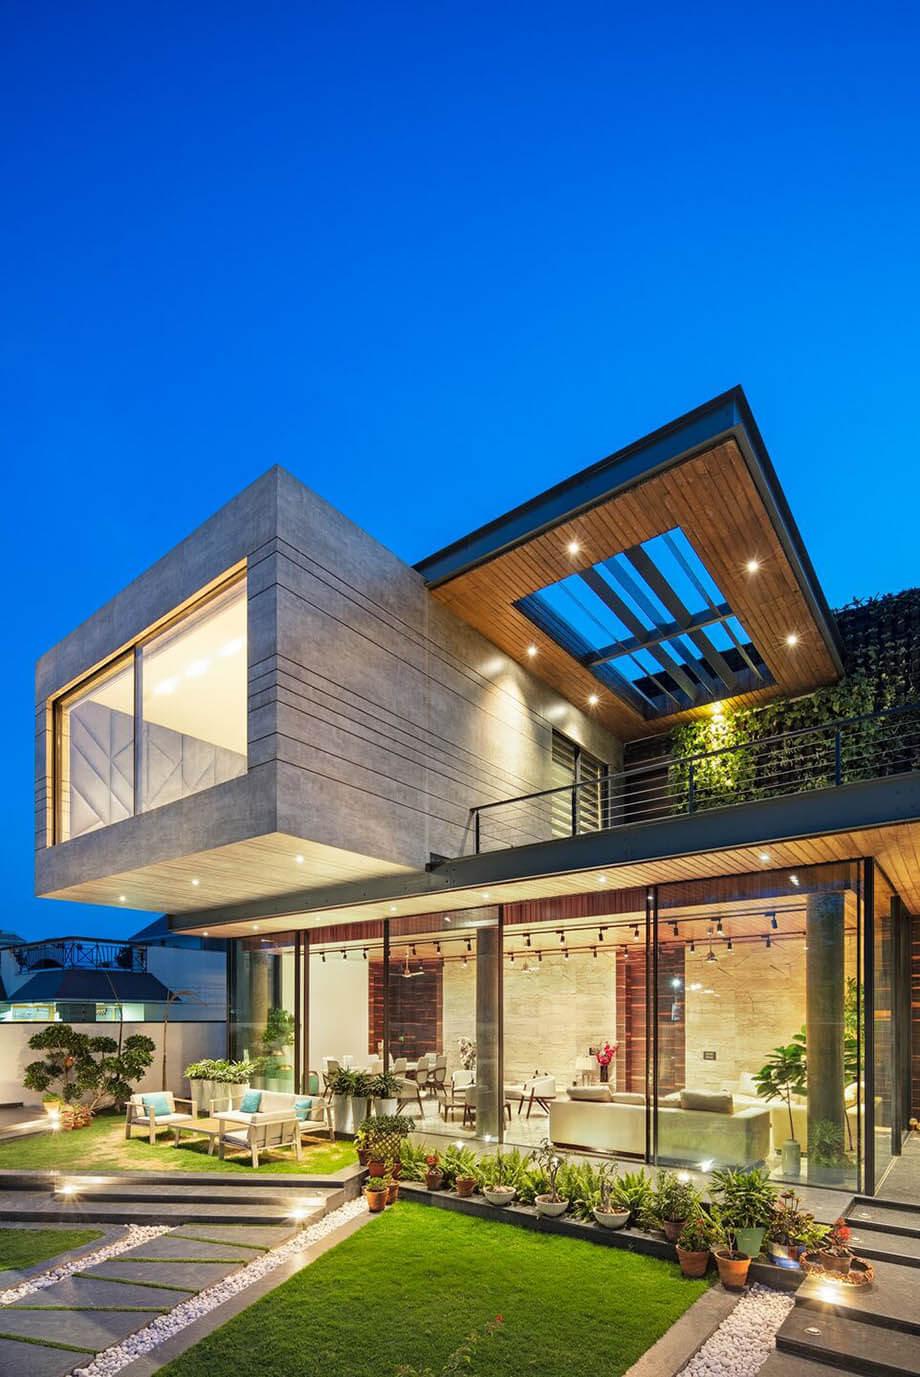 ออกแบบบ้านให้มีกล่องยื่น